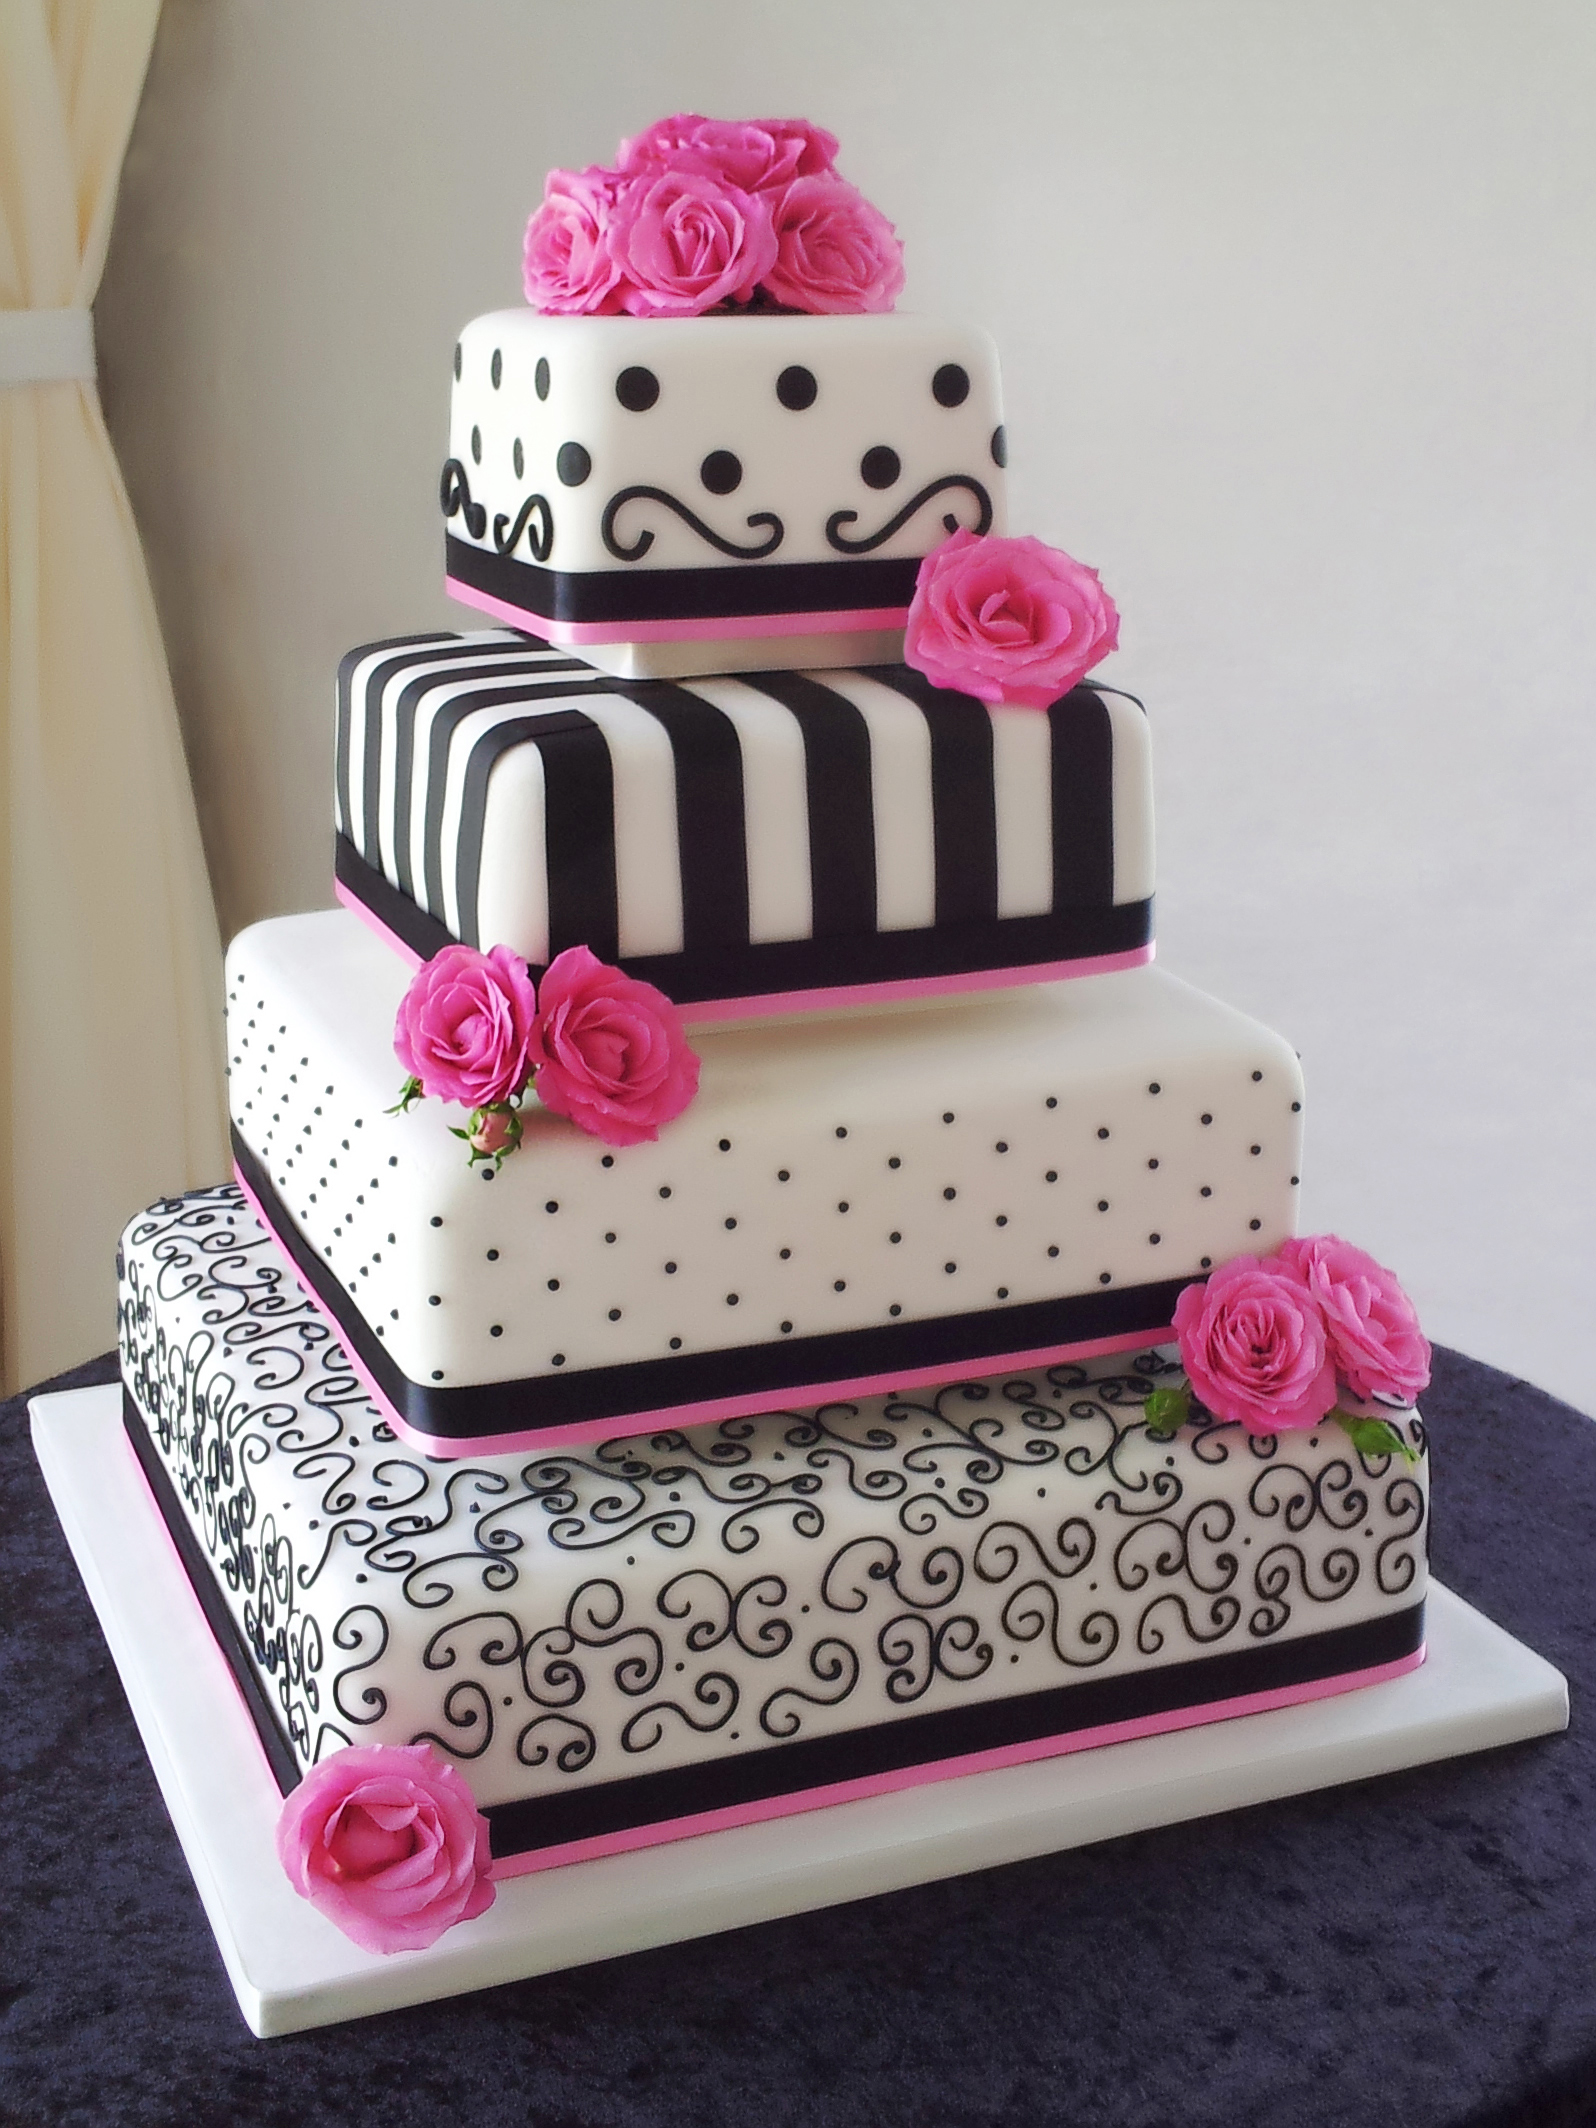 9 Fushia And Black Wedding Cakes Photo - Pink and Black Wedding Cake ...